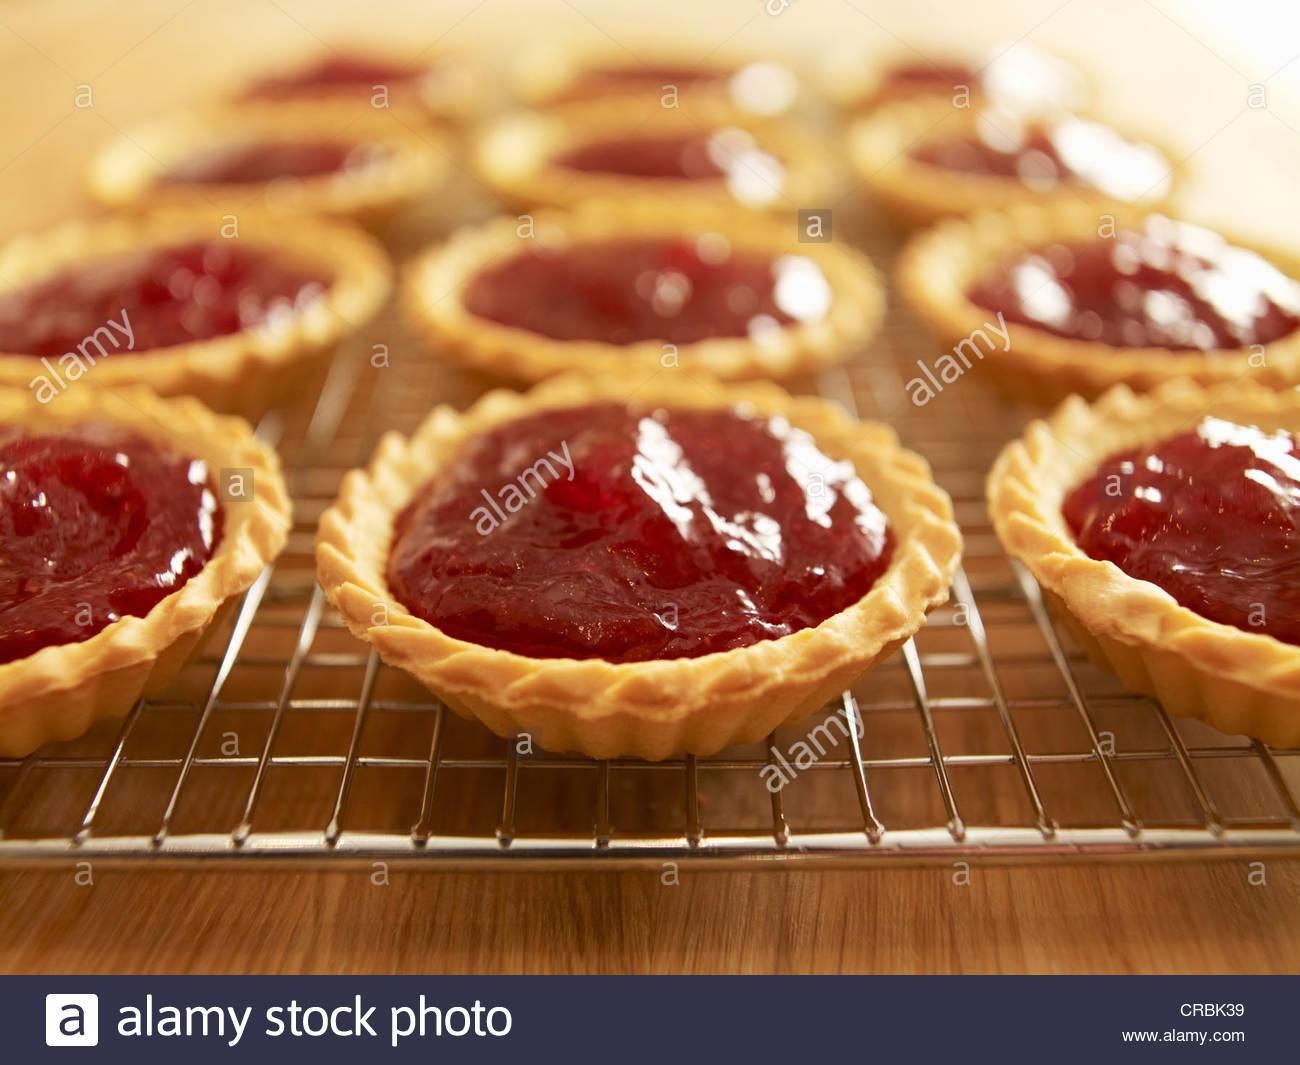 Nahaufnahme von Marmelade Kuchen auf Kuchengitter abkühlen Stockbild